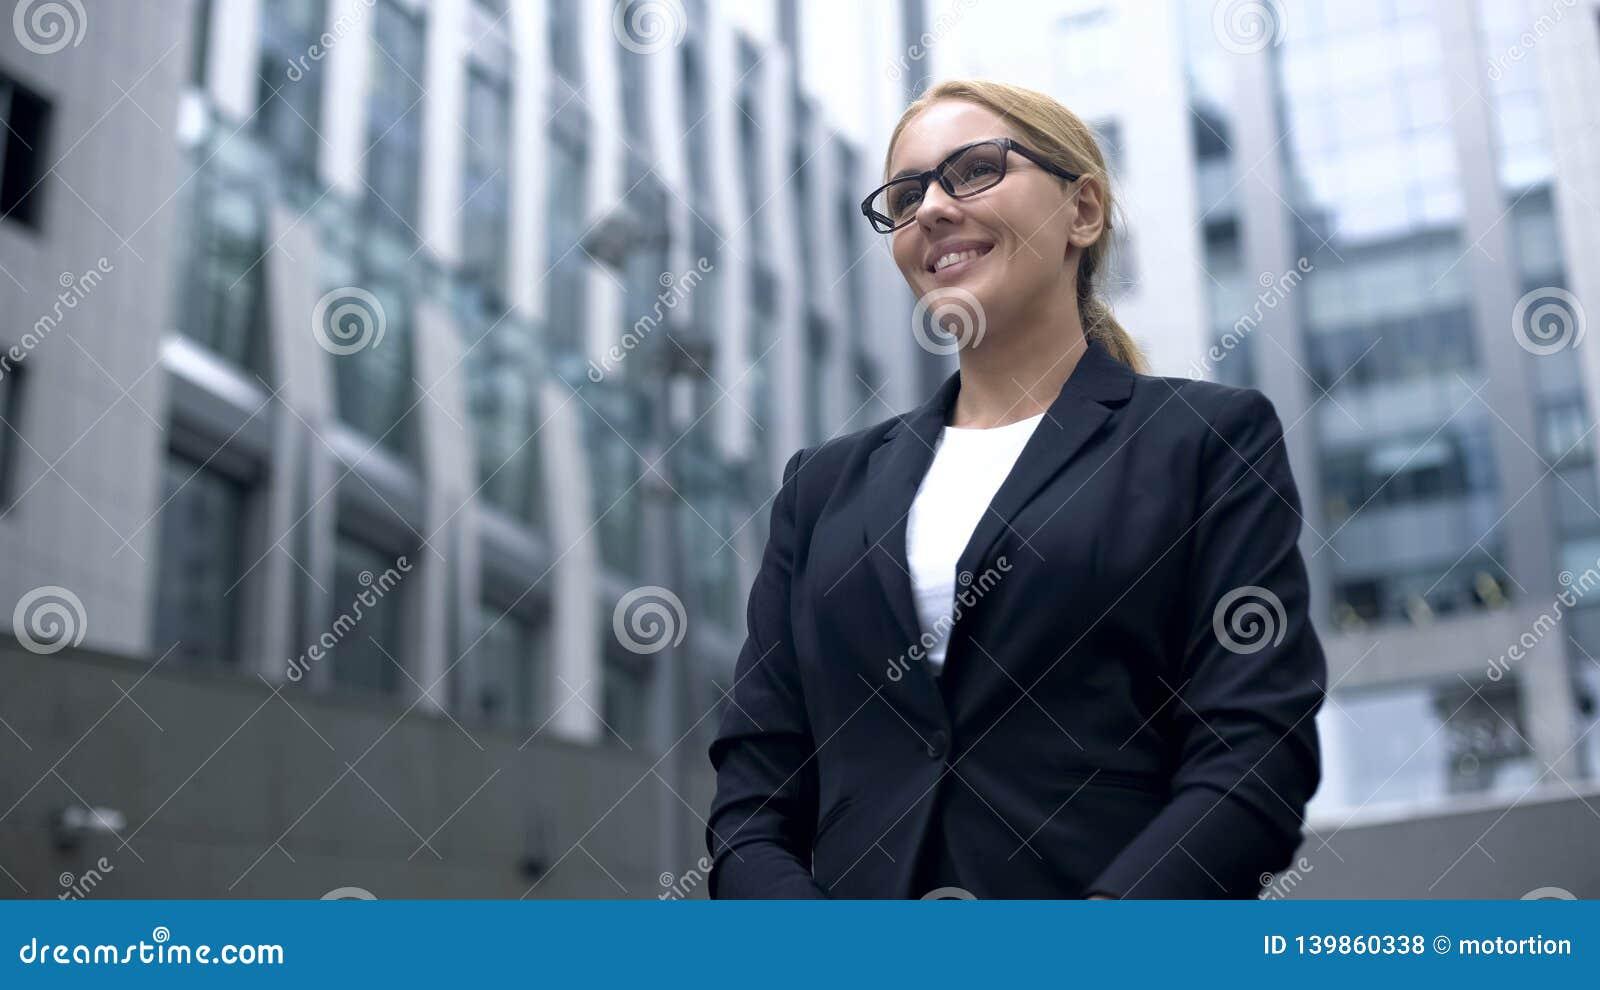 De vriendschappelijke vrouw in kostuum ontmoet buitenlandse partners, tolk of stewardess